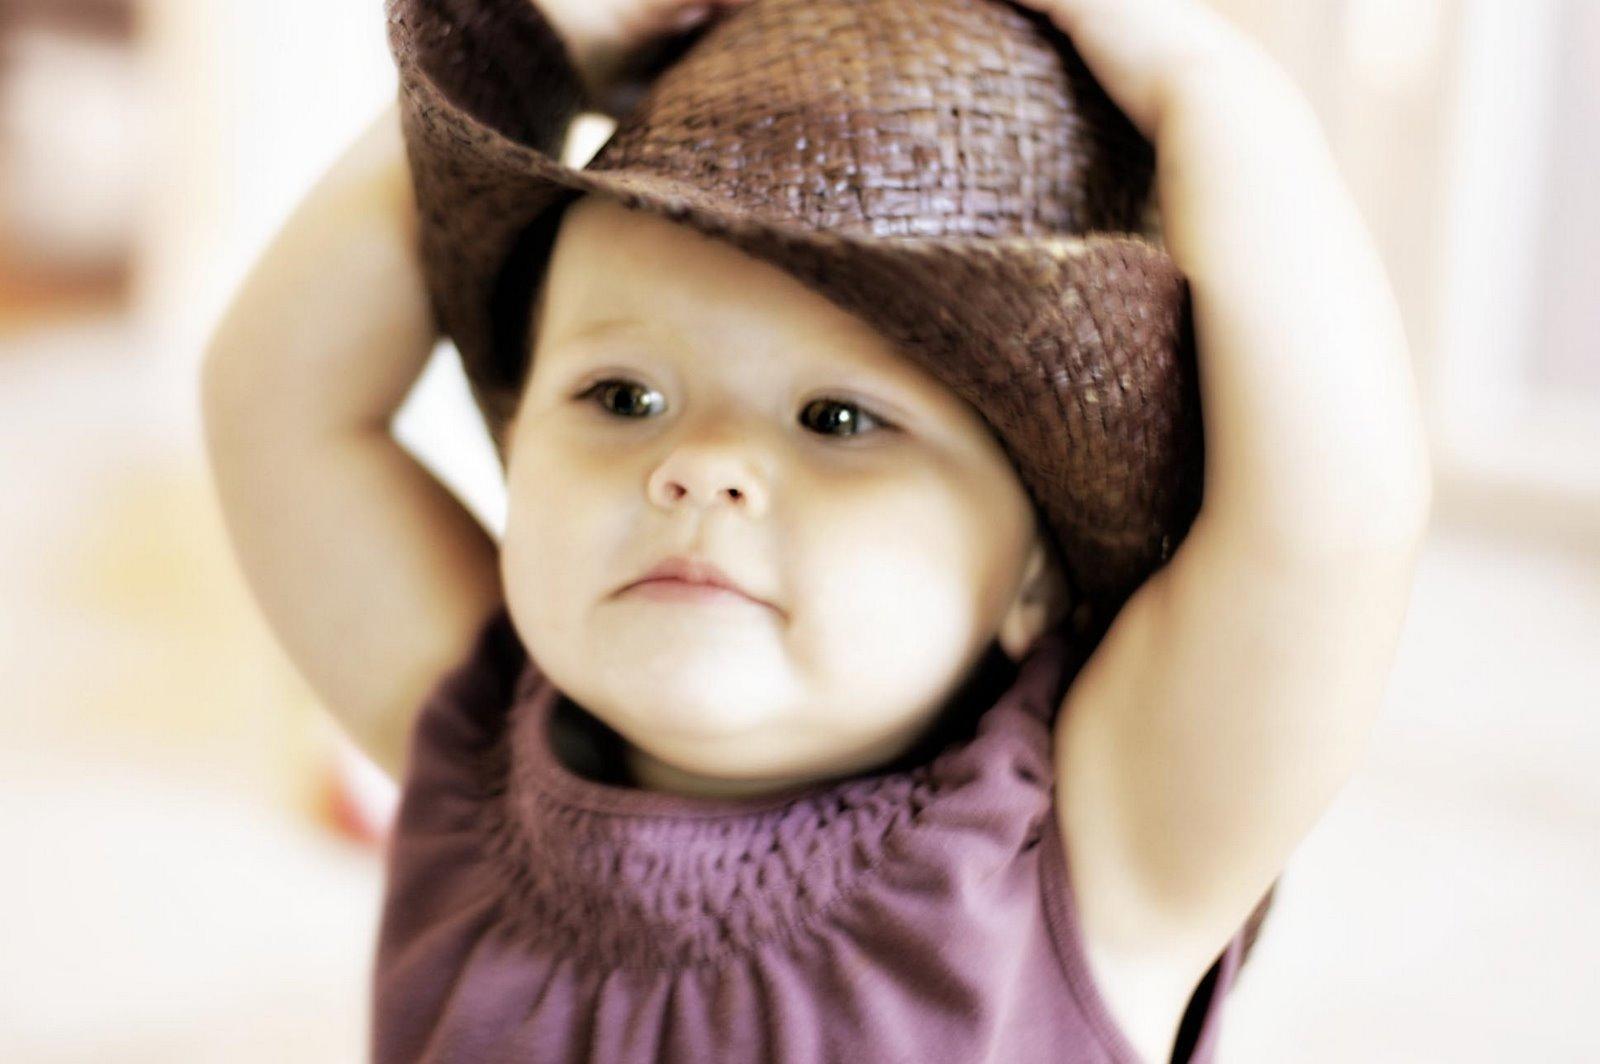 [Jaime.cowboy]